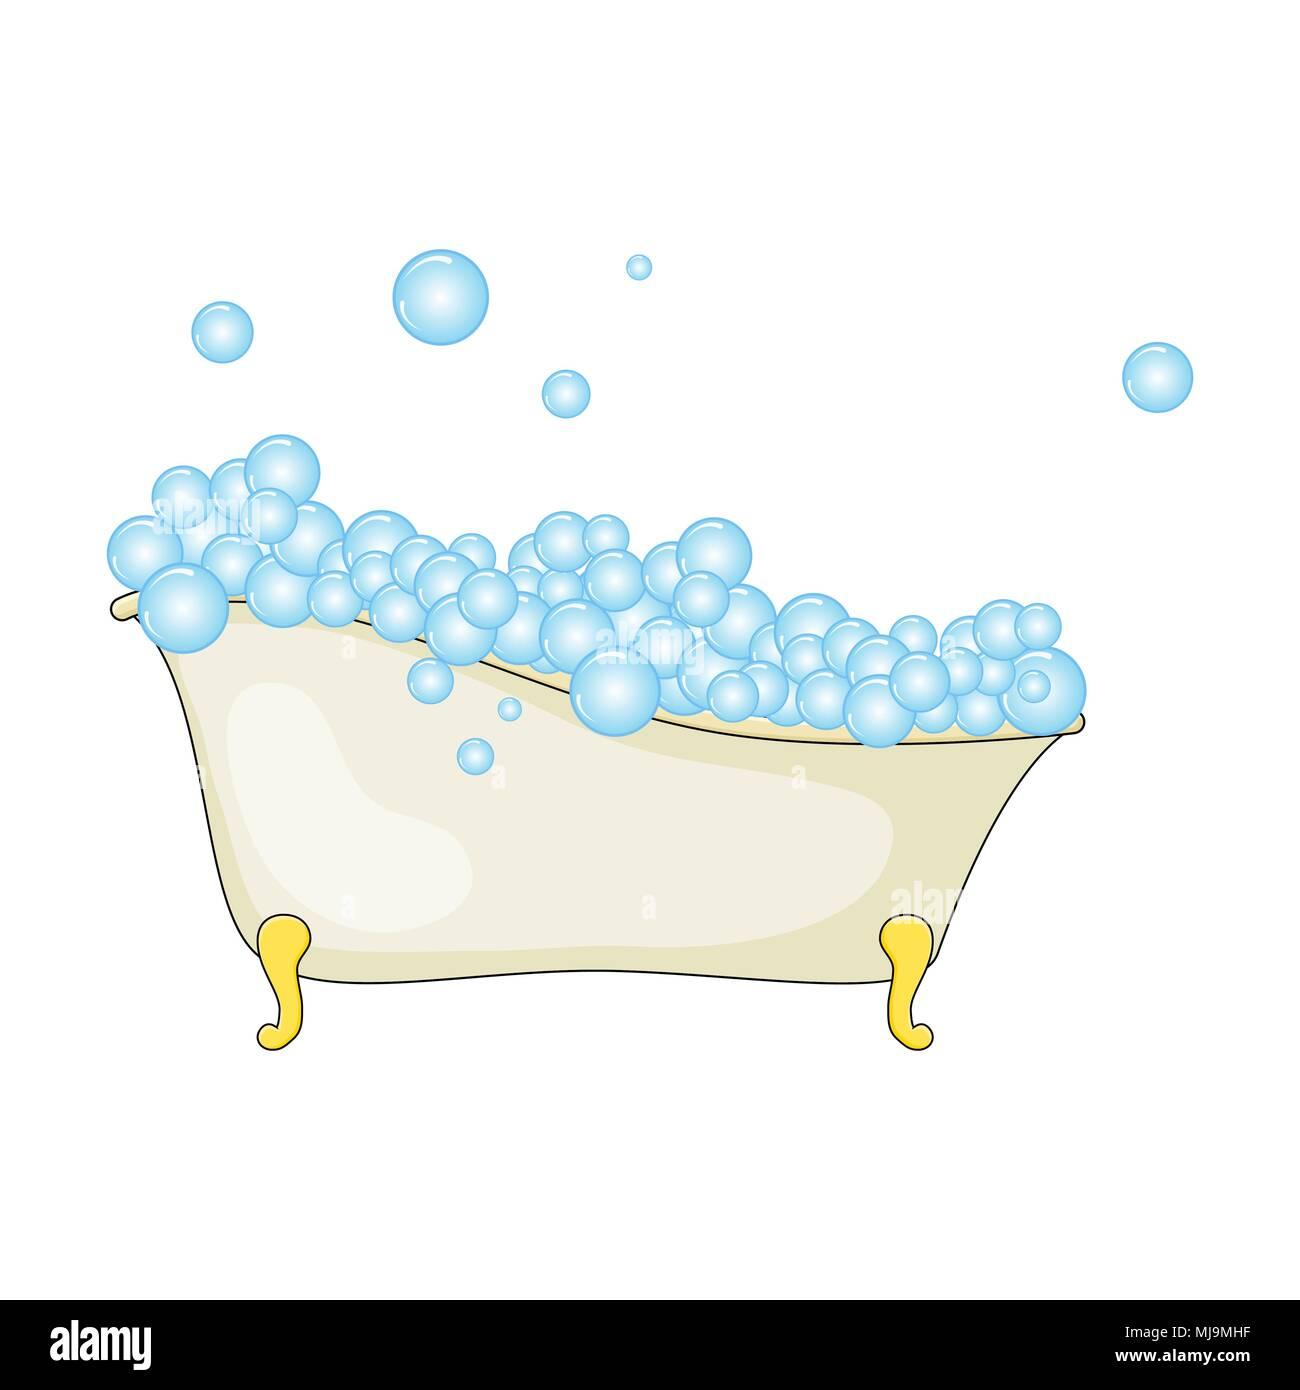 Cartoon Badewanne Mit Schaum Und Blase Auf Weißem Hintergrund Vektor